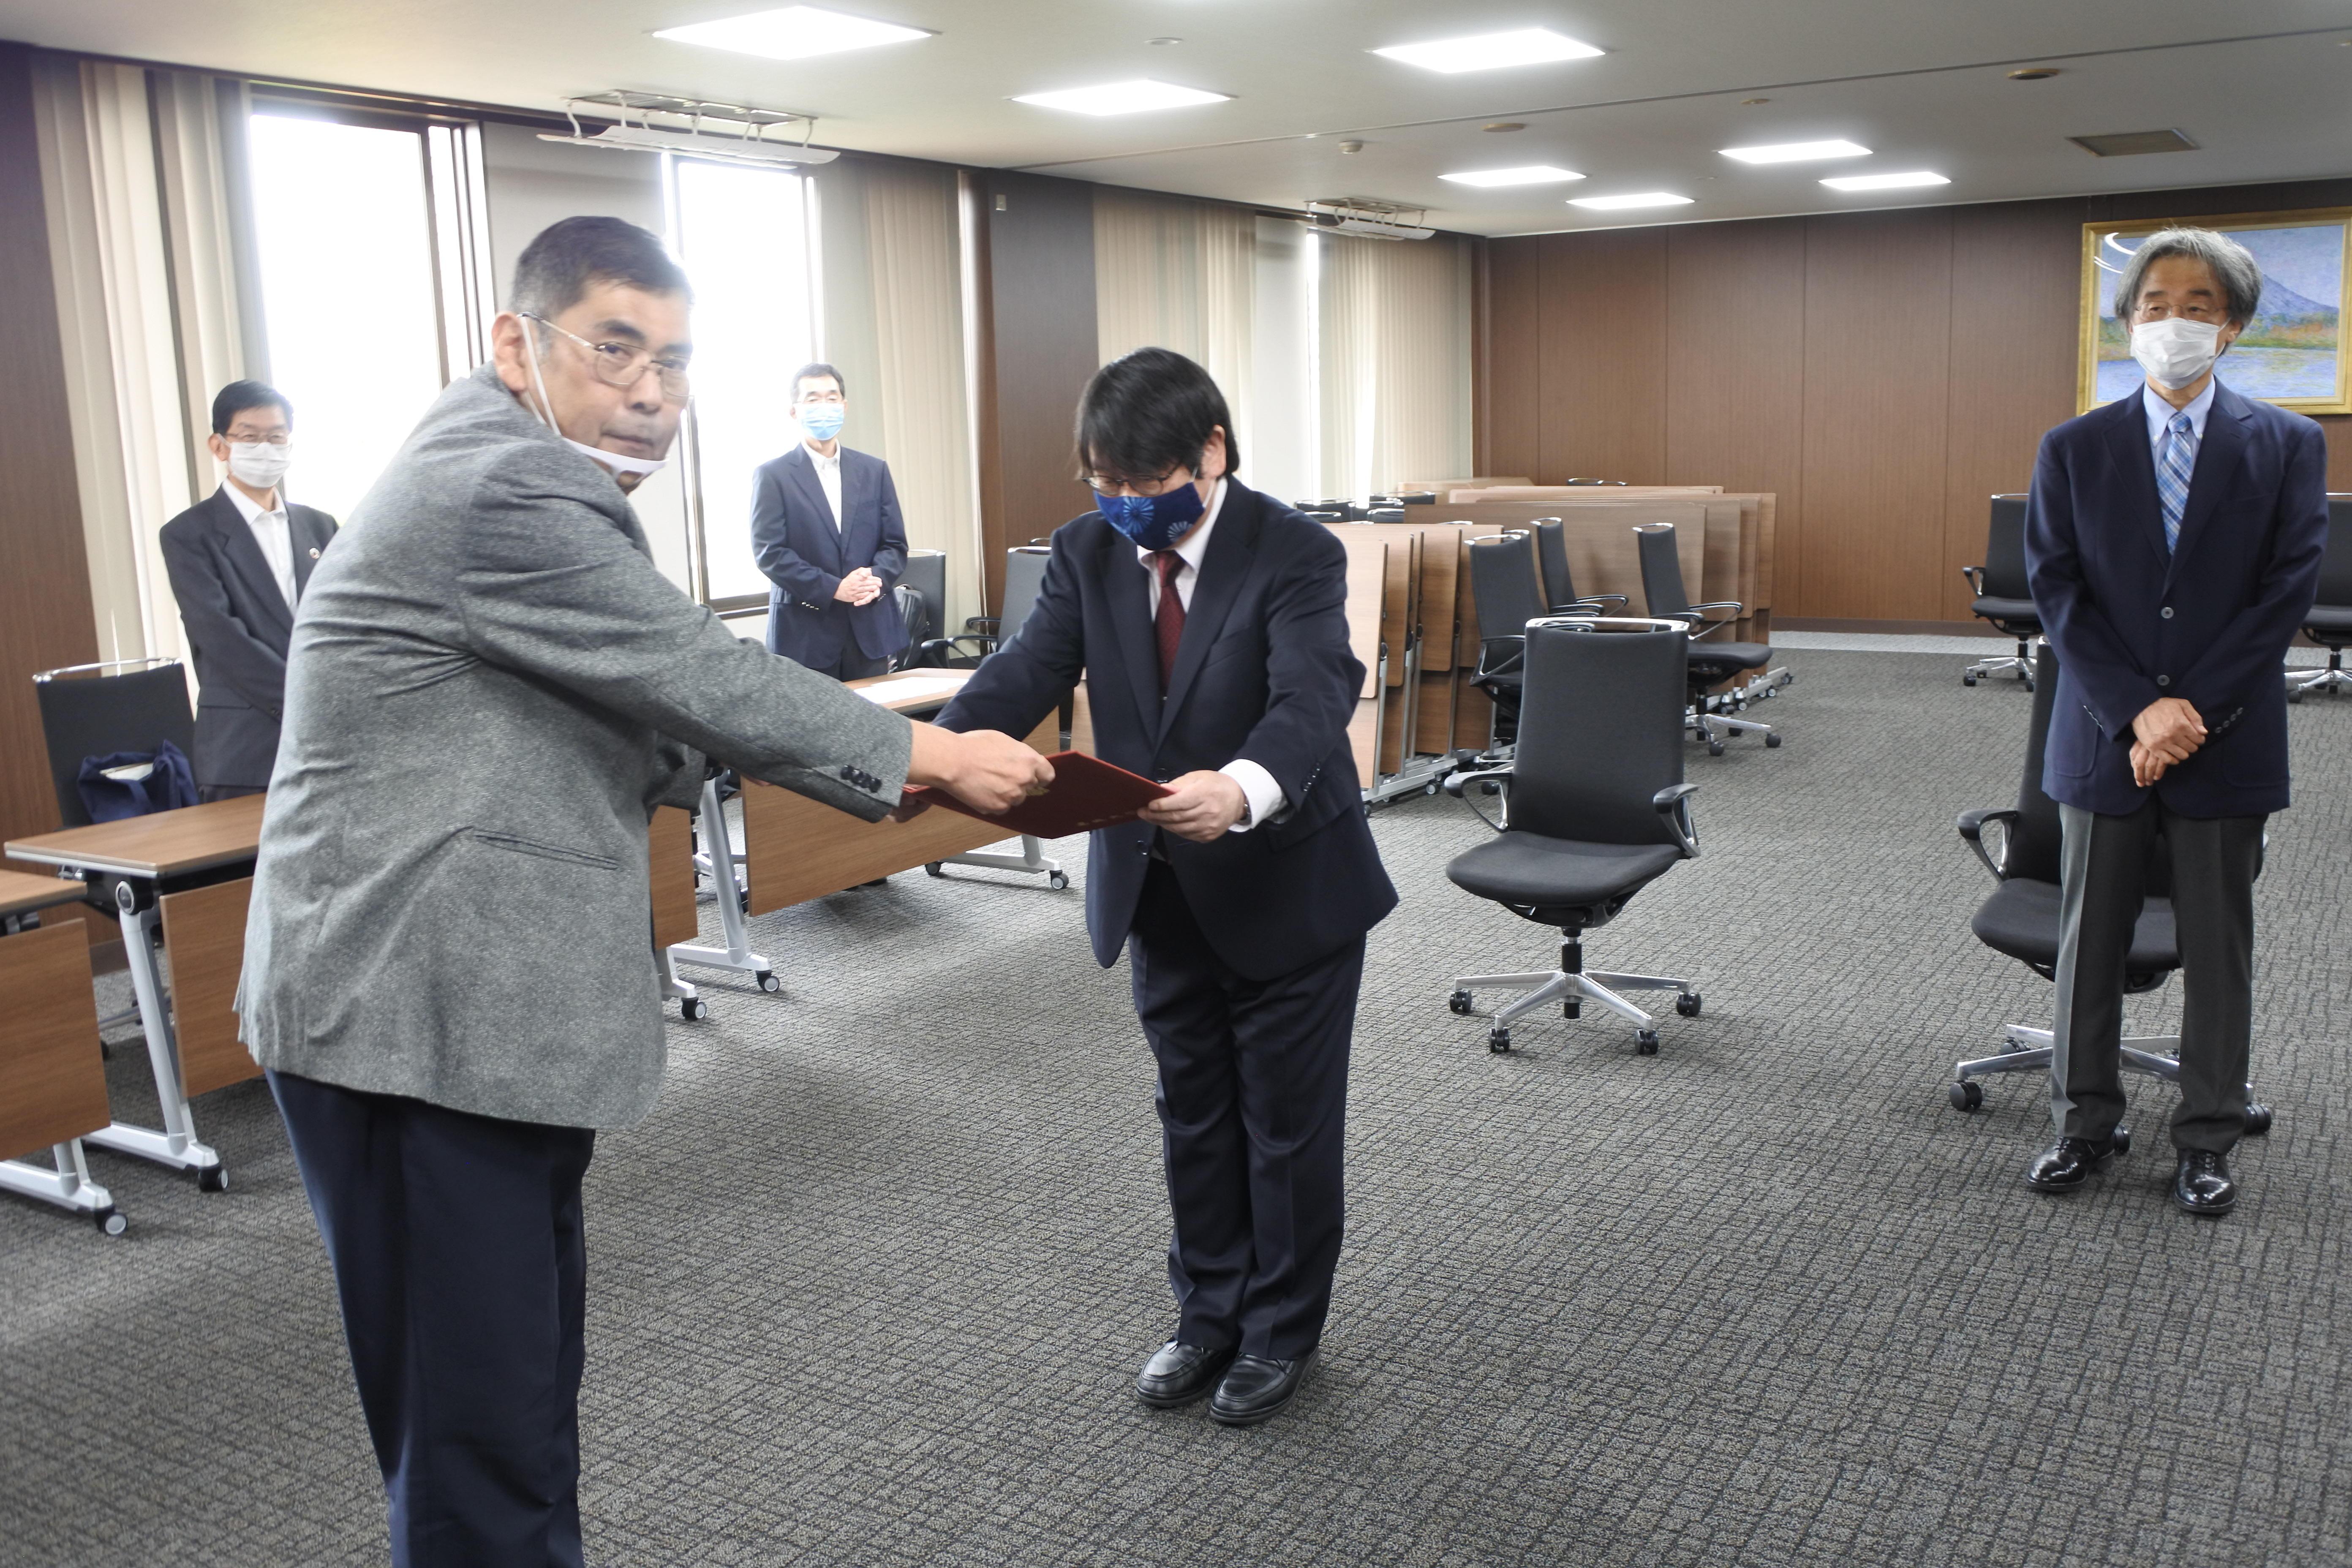 伝達書を受ける神野透人教授(中央)